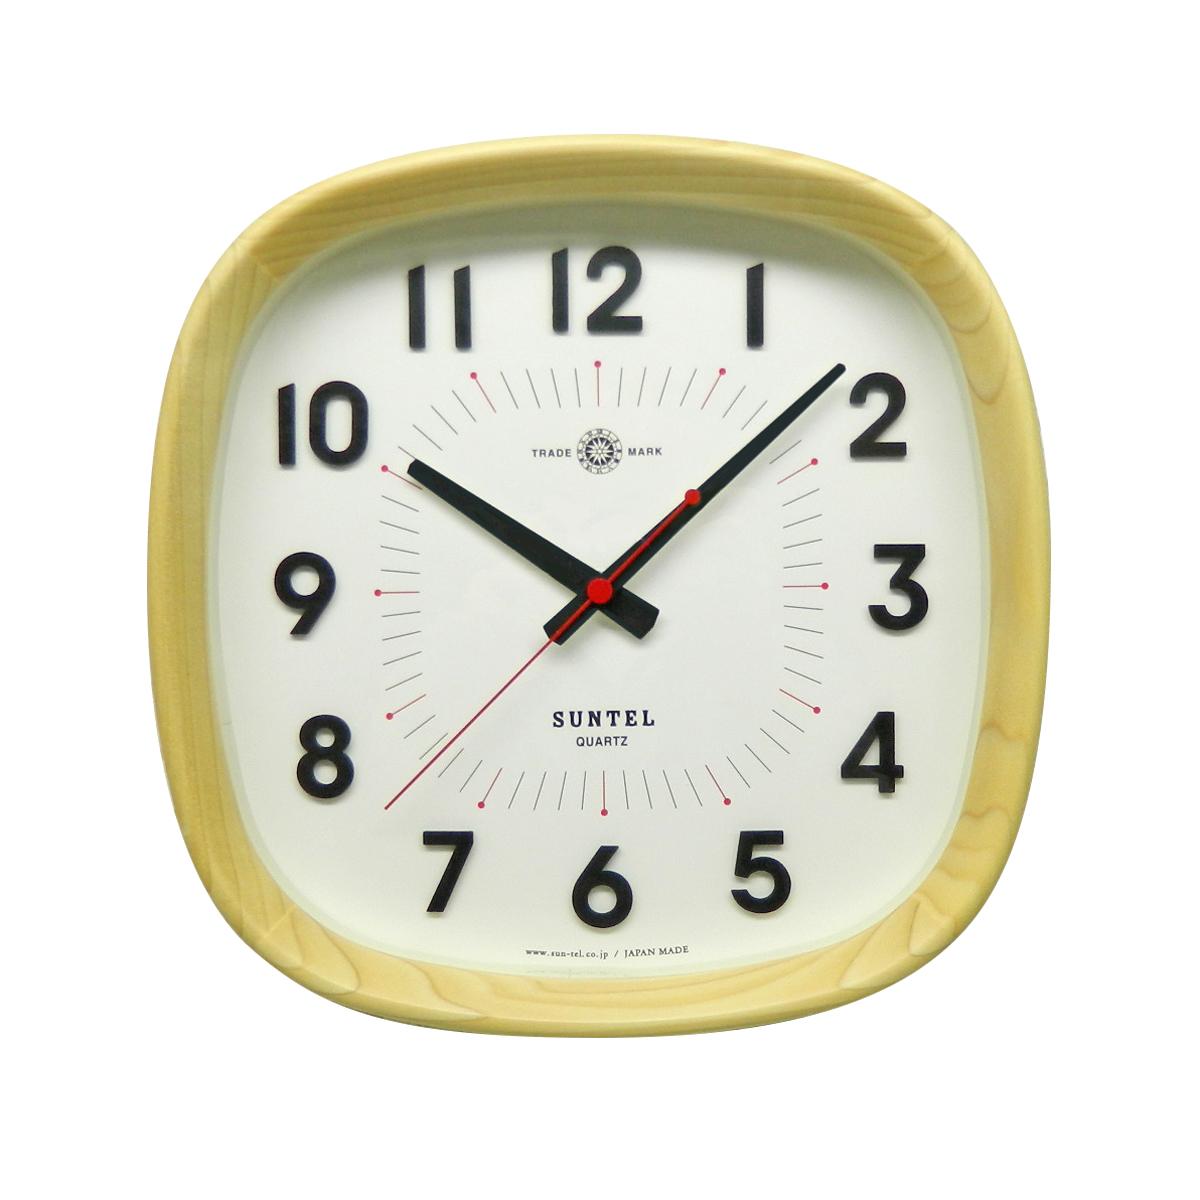 超激安 日本製 日本製 さんてる 天然木 さんてる ナチュラル電波時計 「WARM」 「WARM」, 中頸城郡:a76dc6a2 --- konecti.dominiotemporario.com